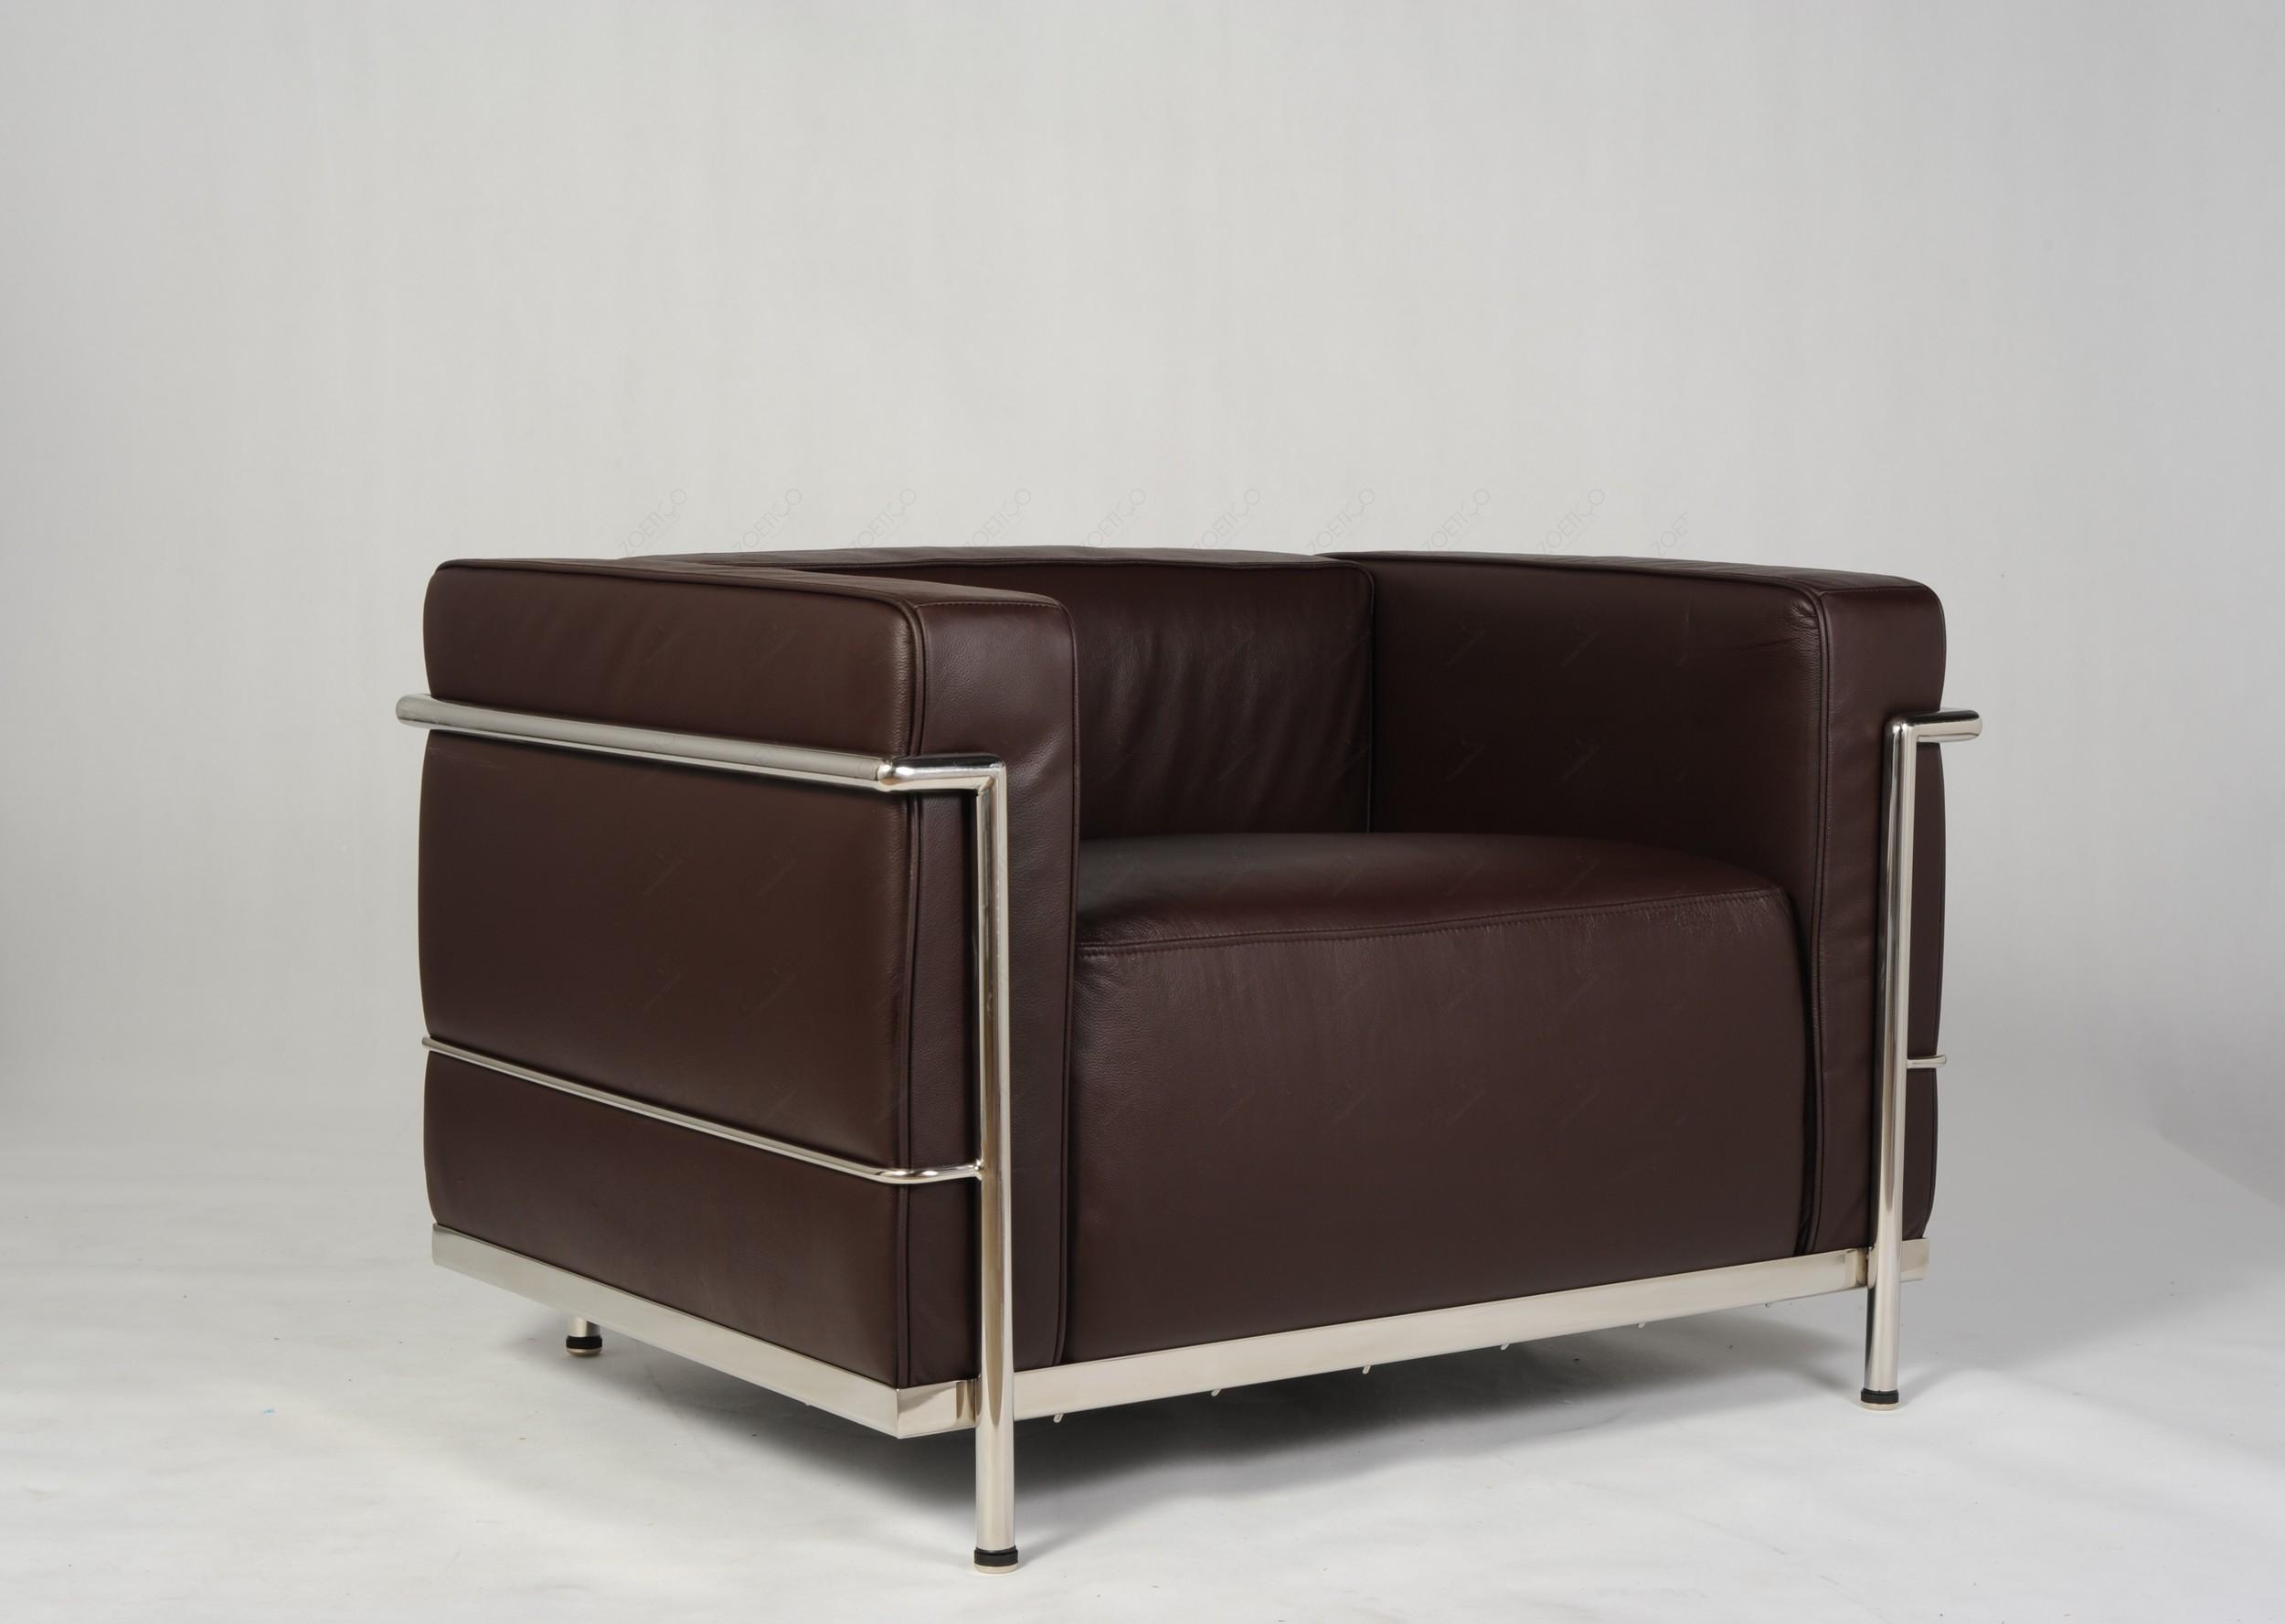 Le Corbusier's Cube Chair